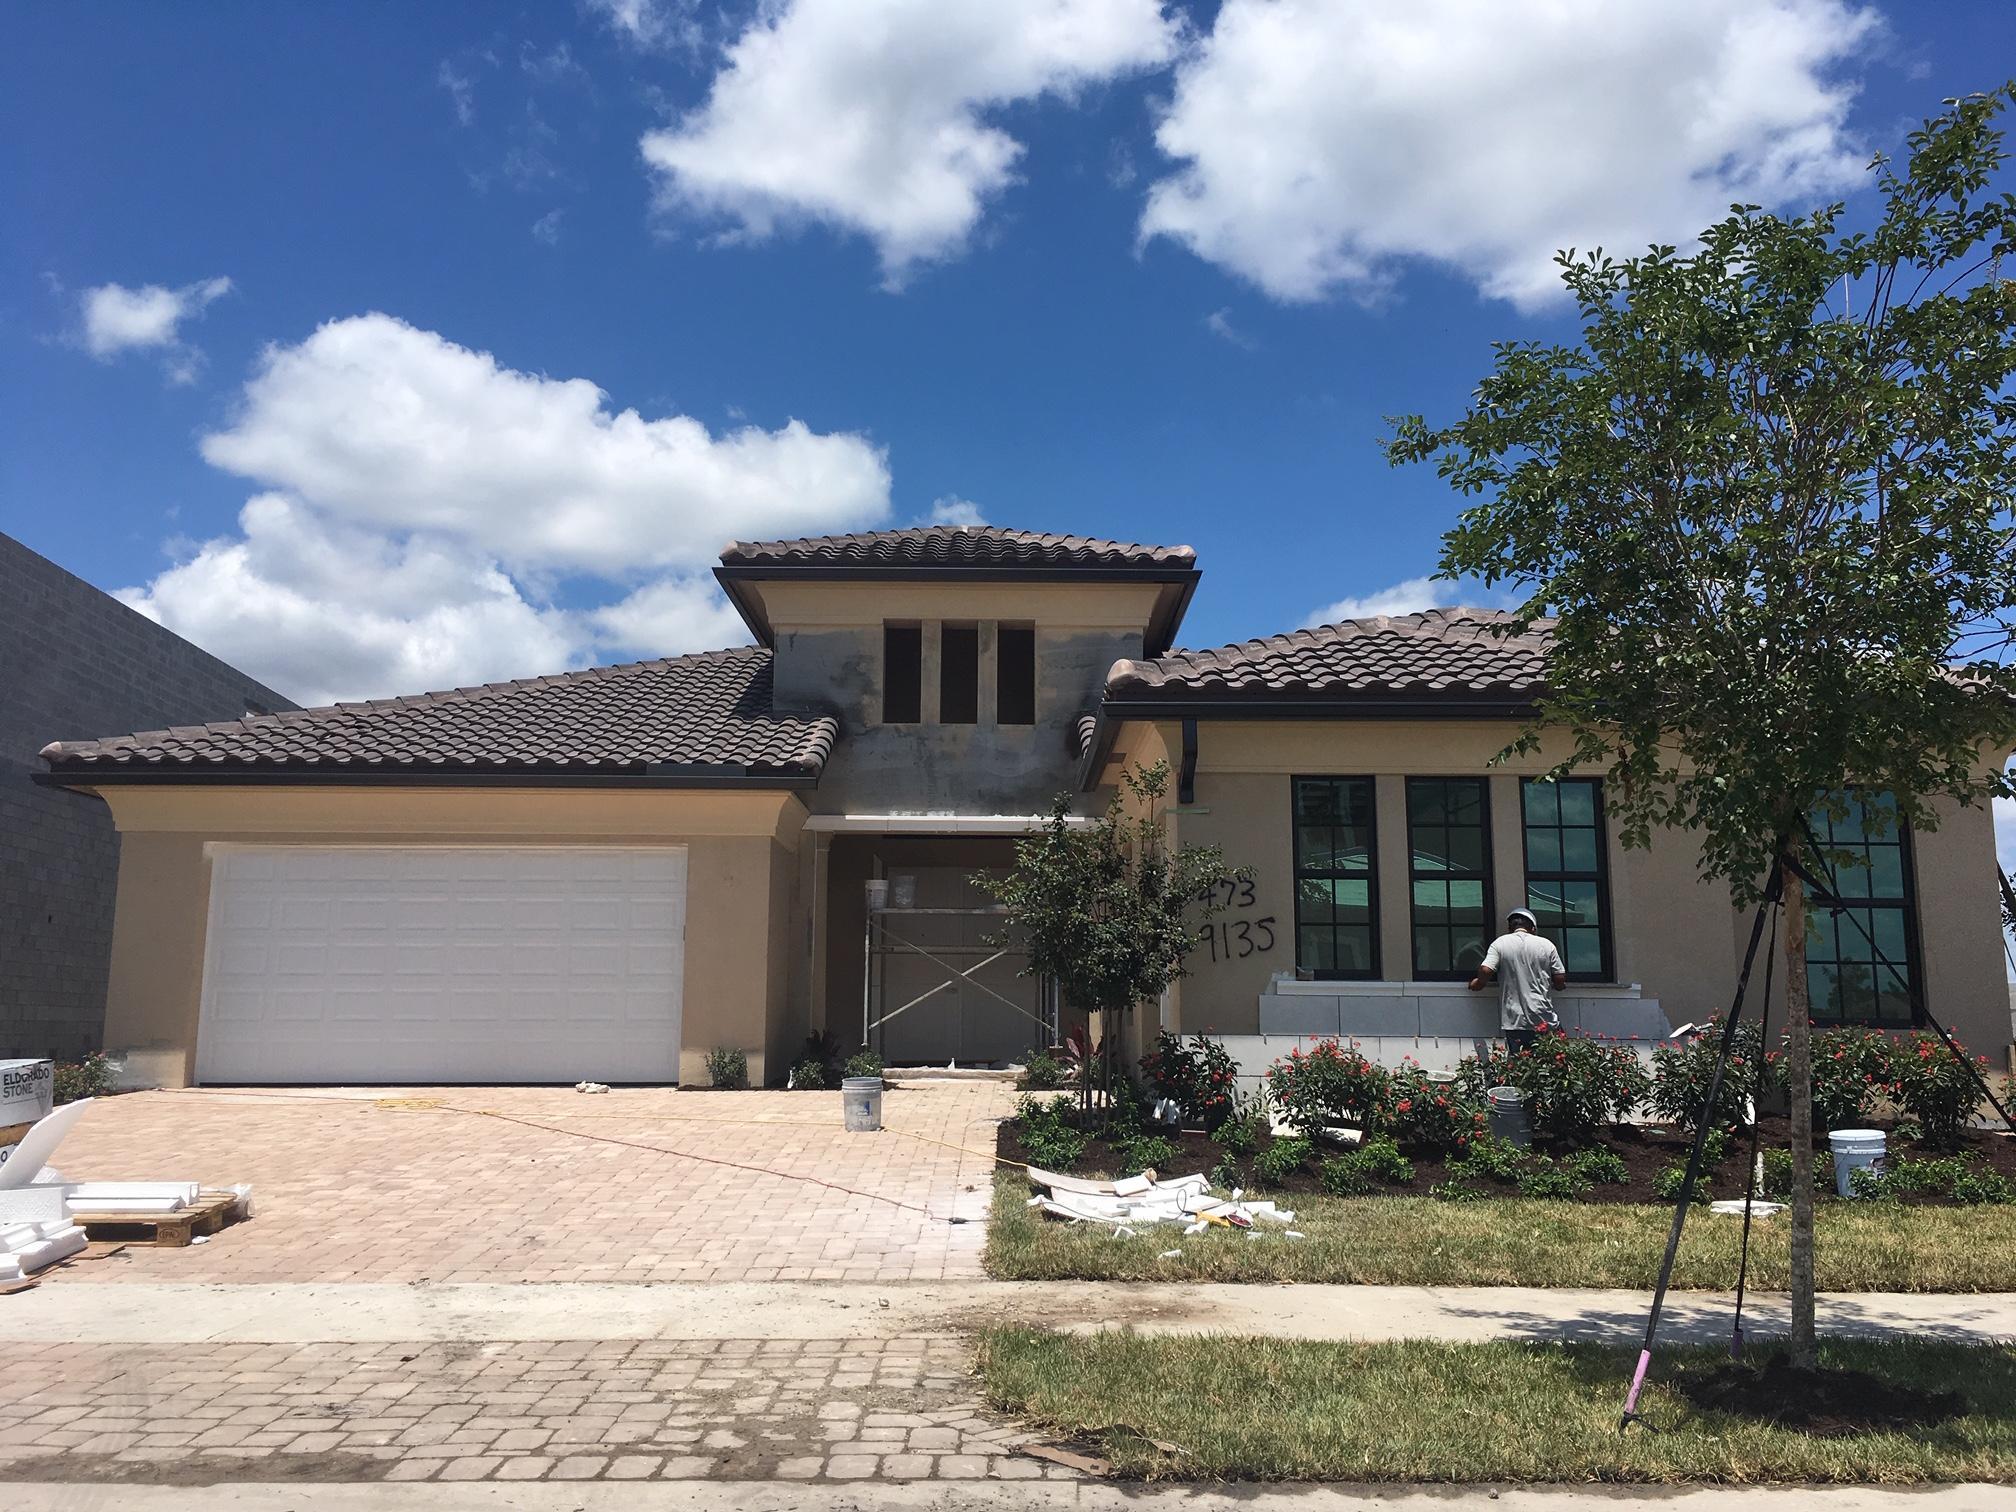 Photo of 9135 E Parkland Bay Drive, Parkland, FL 33076